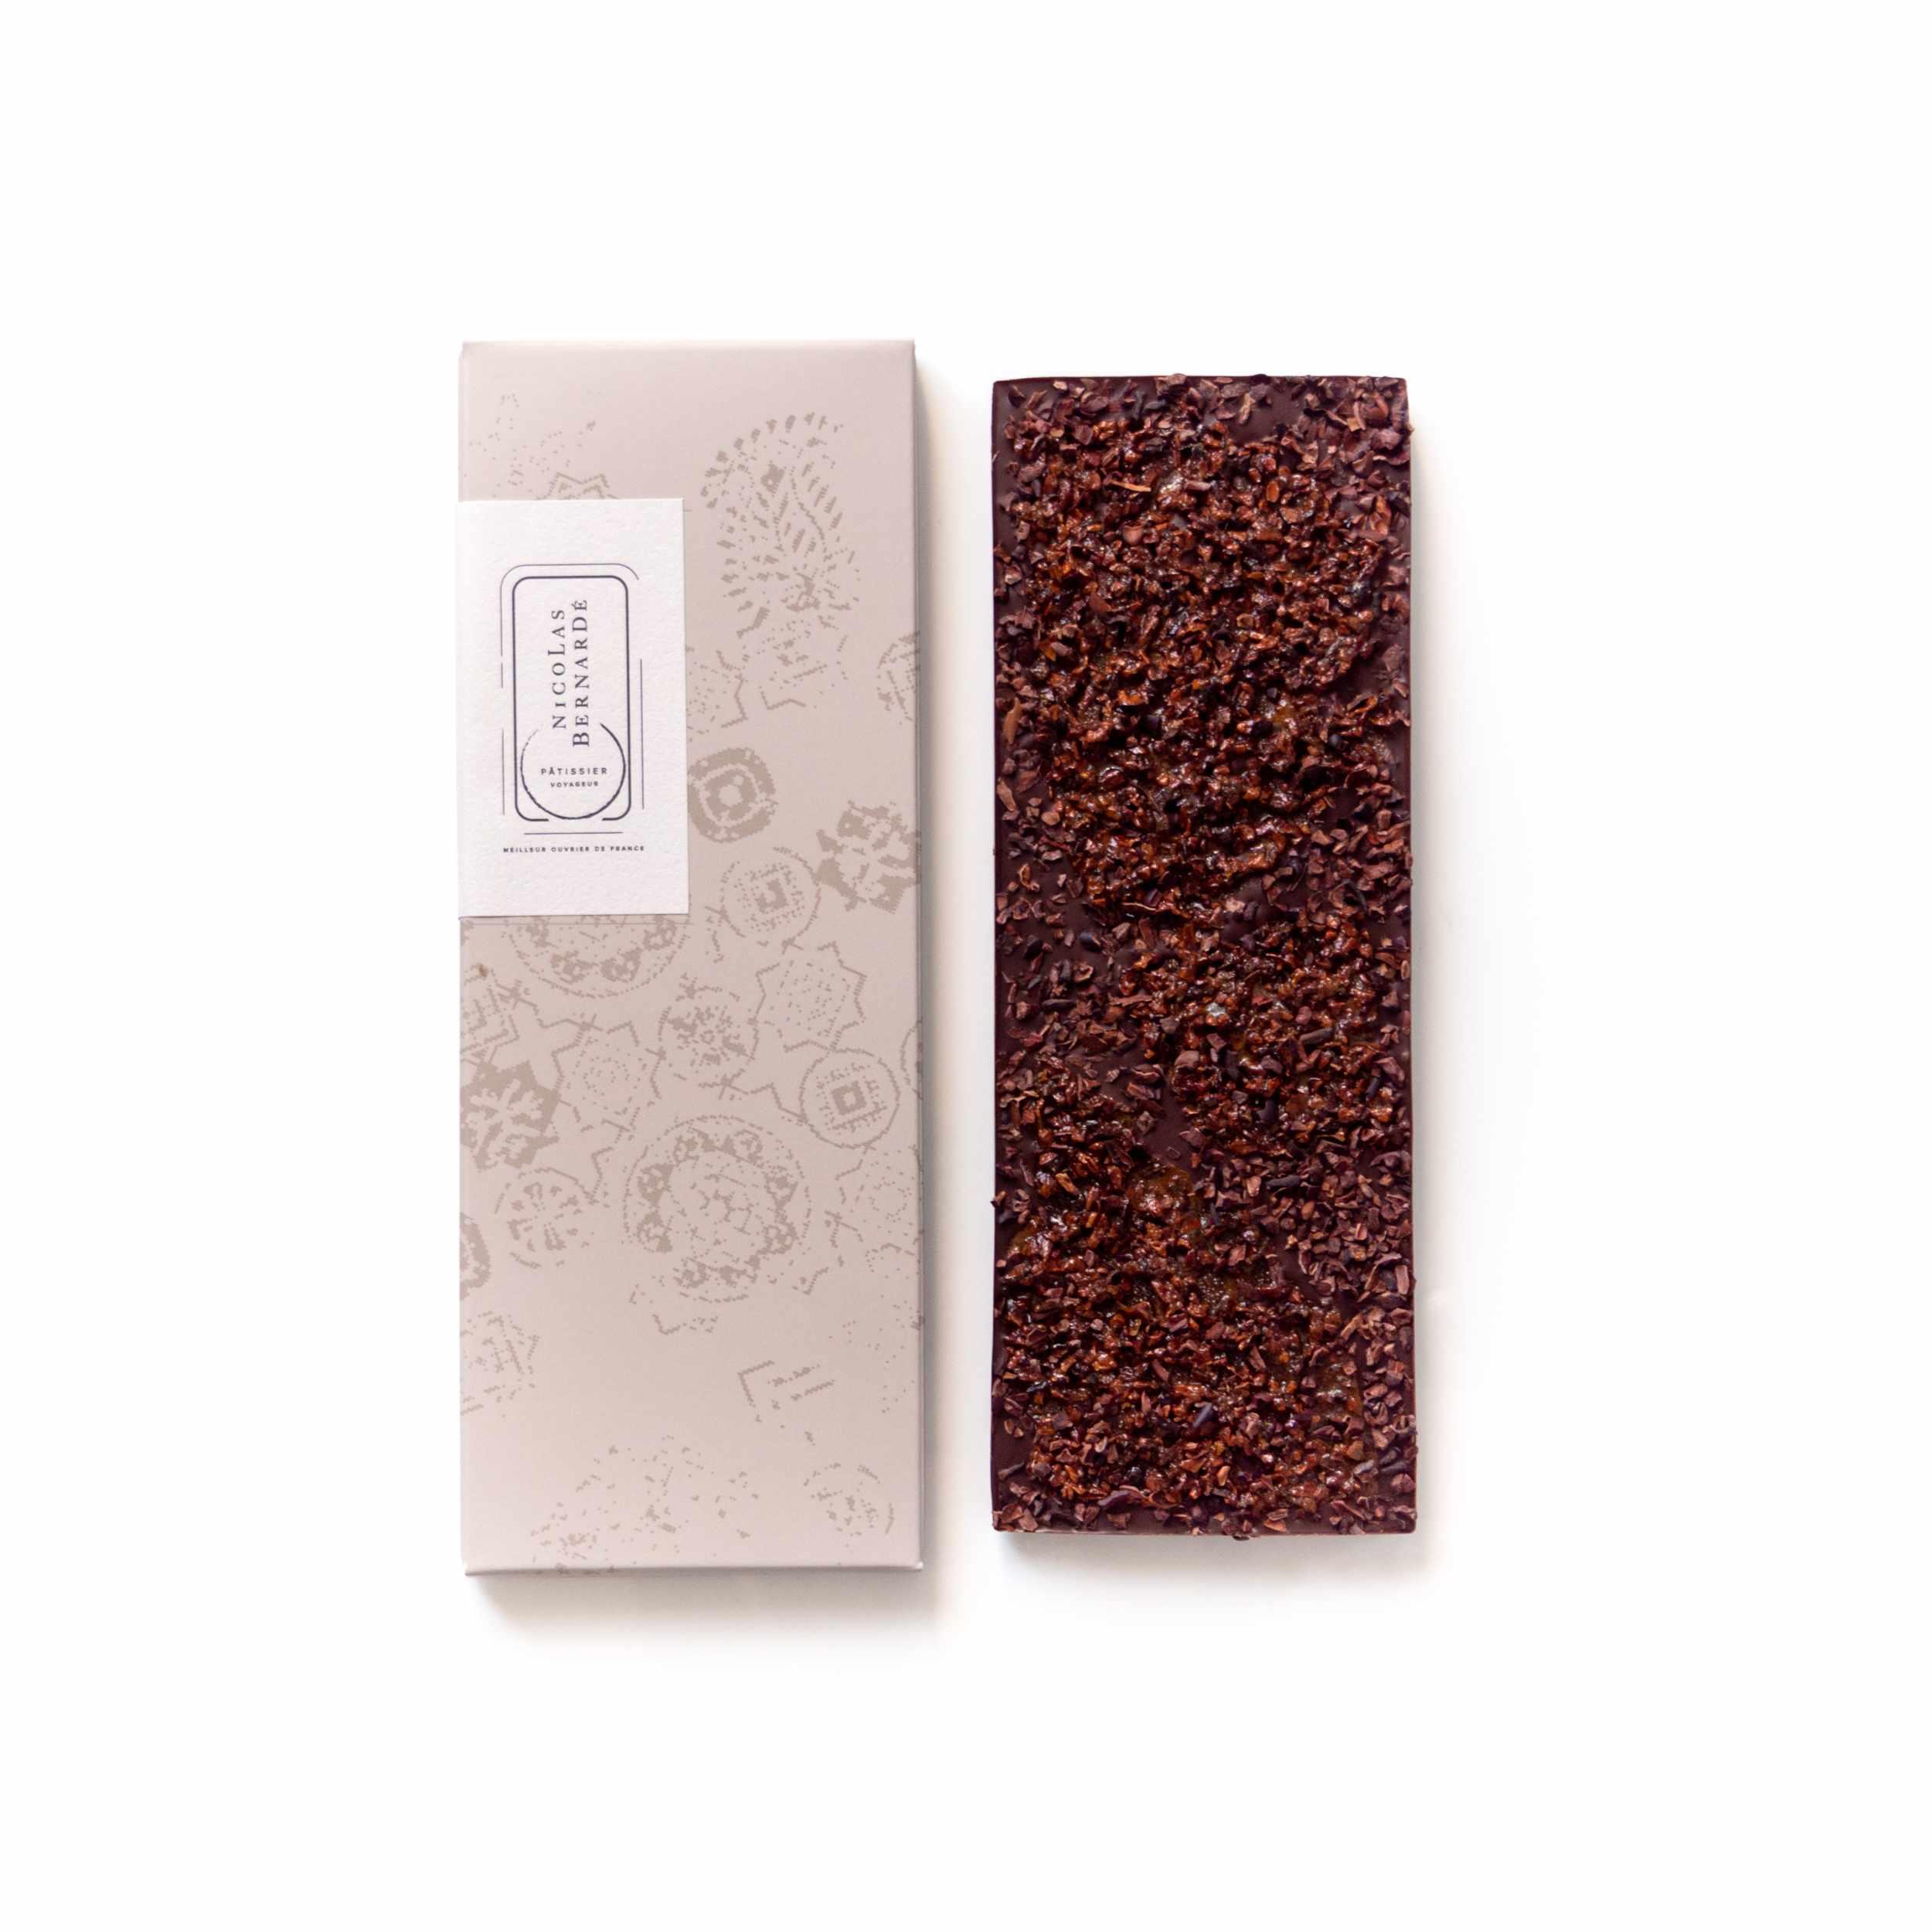 Tablettes chocolat noir enrichi - Grue cacao